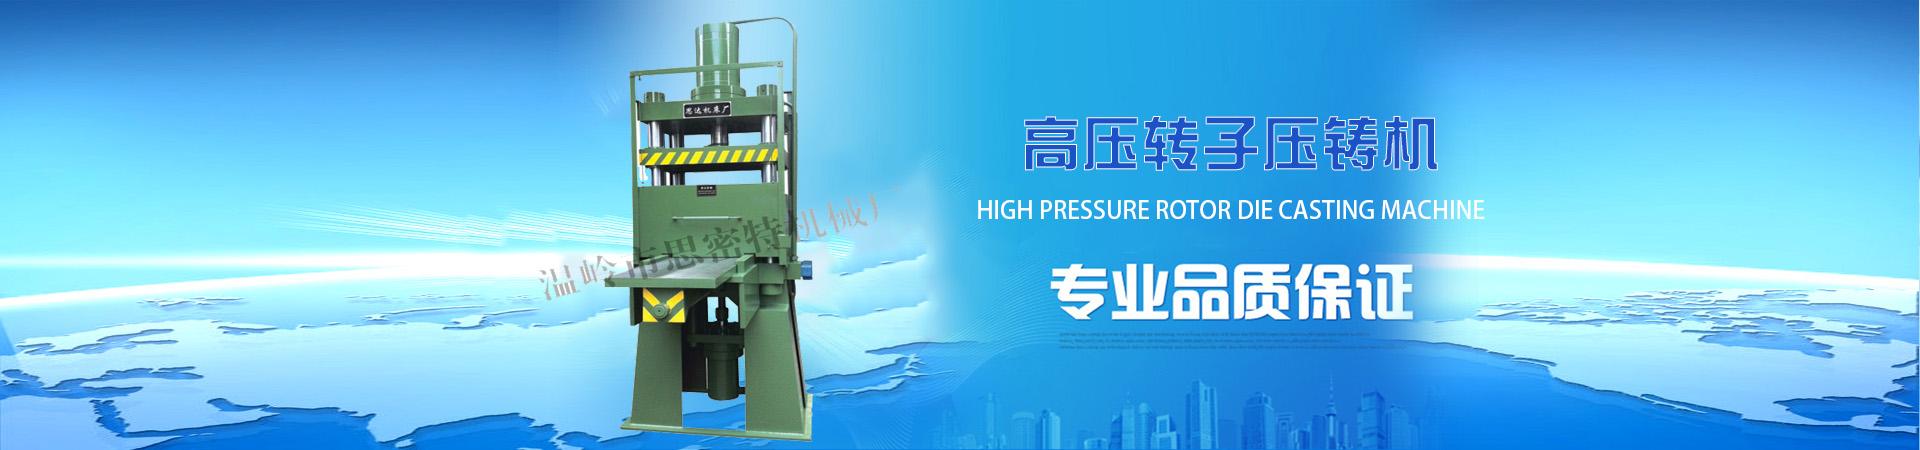 高压转子压铸机